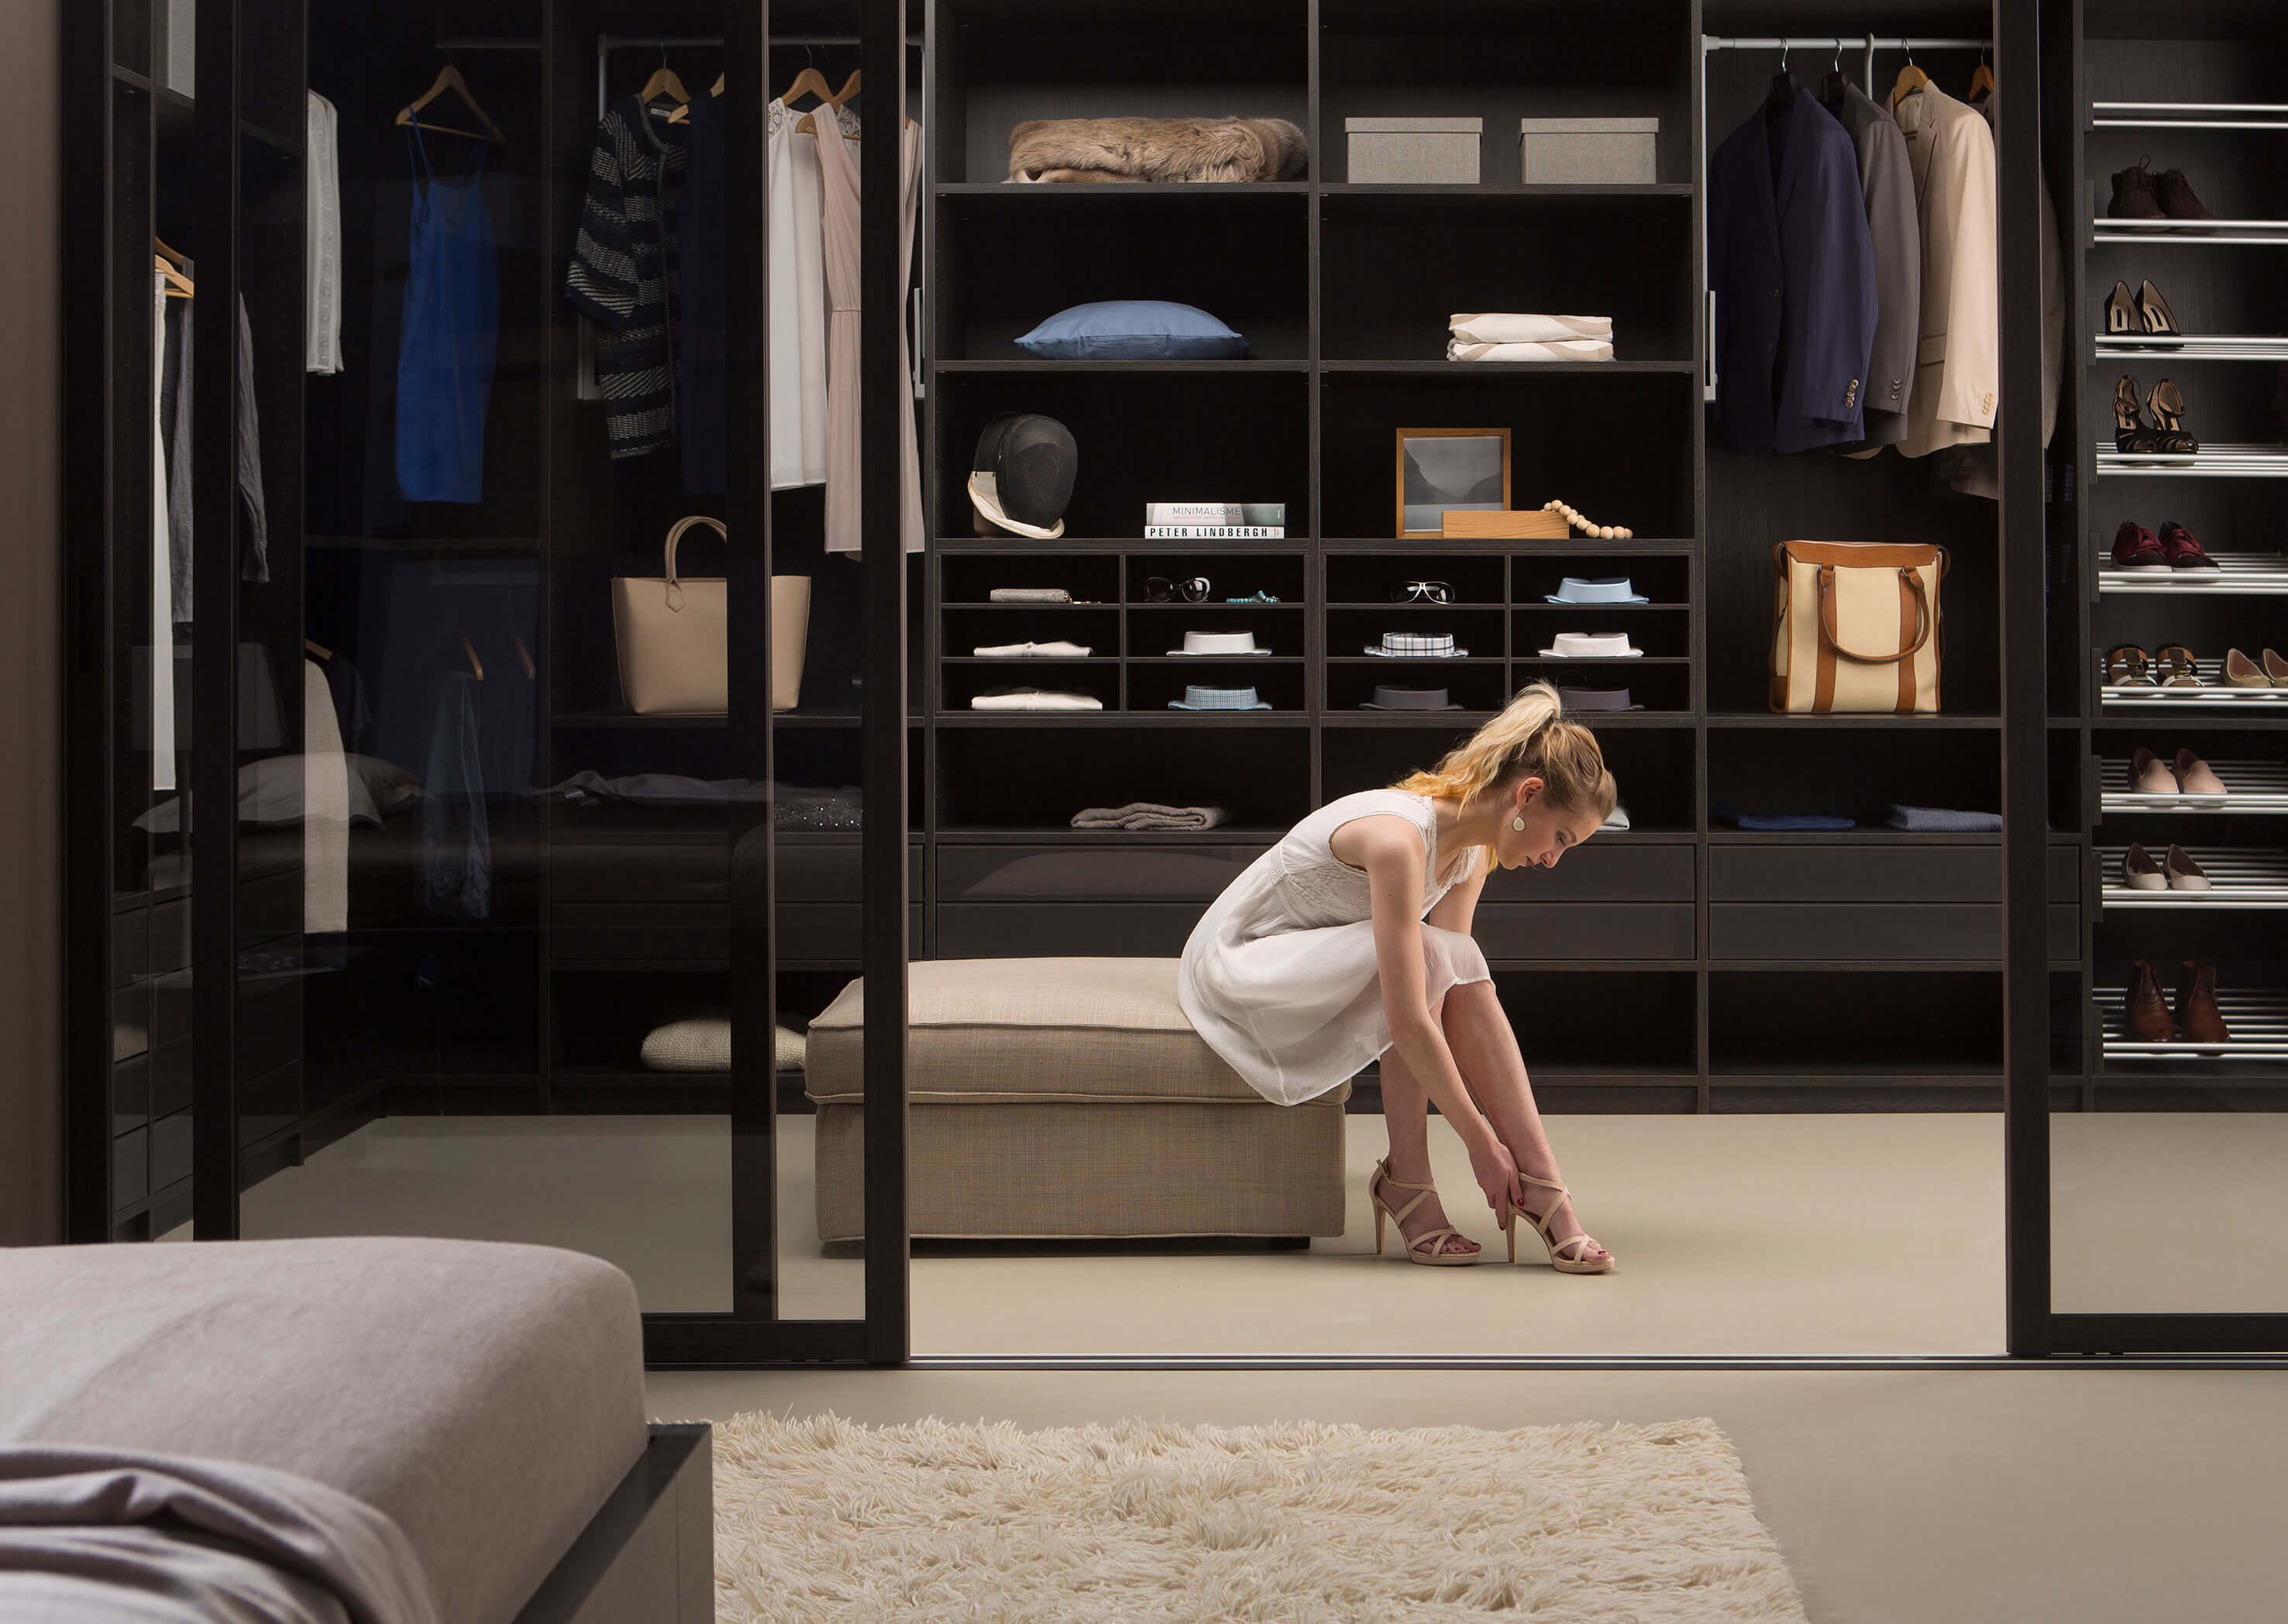 kleiderschr nke schlafzimmerschr nke kaufen im. Black Bedroom Furniture Sets. Home Design Ideas